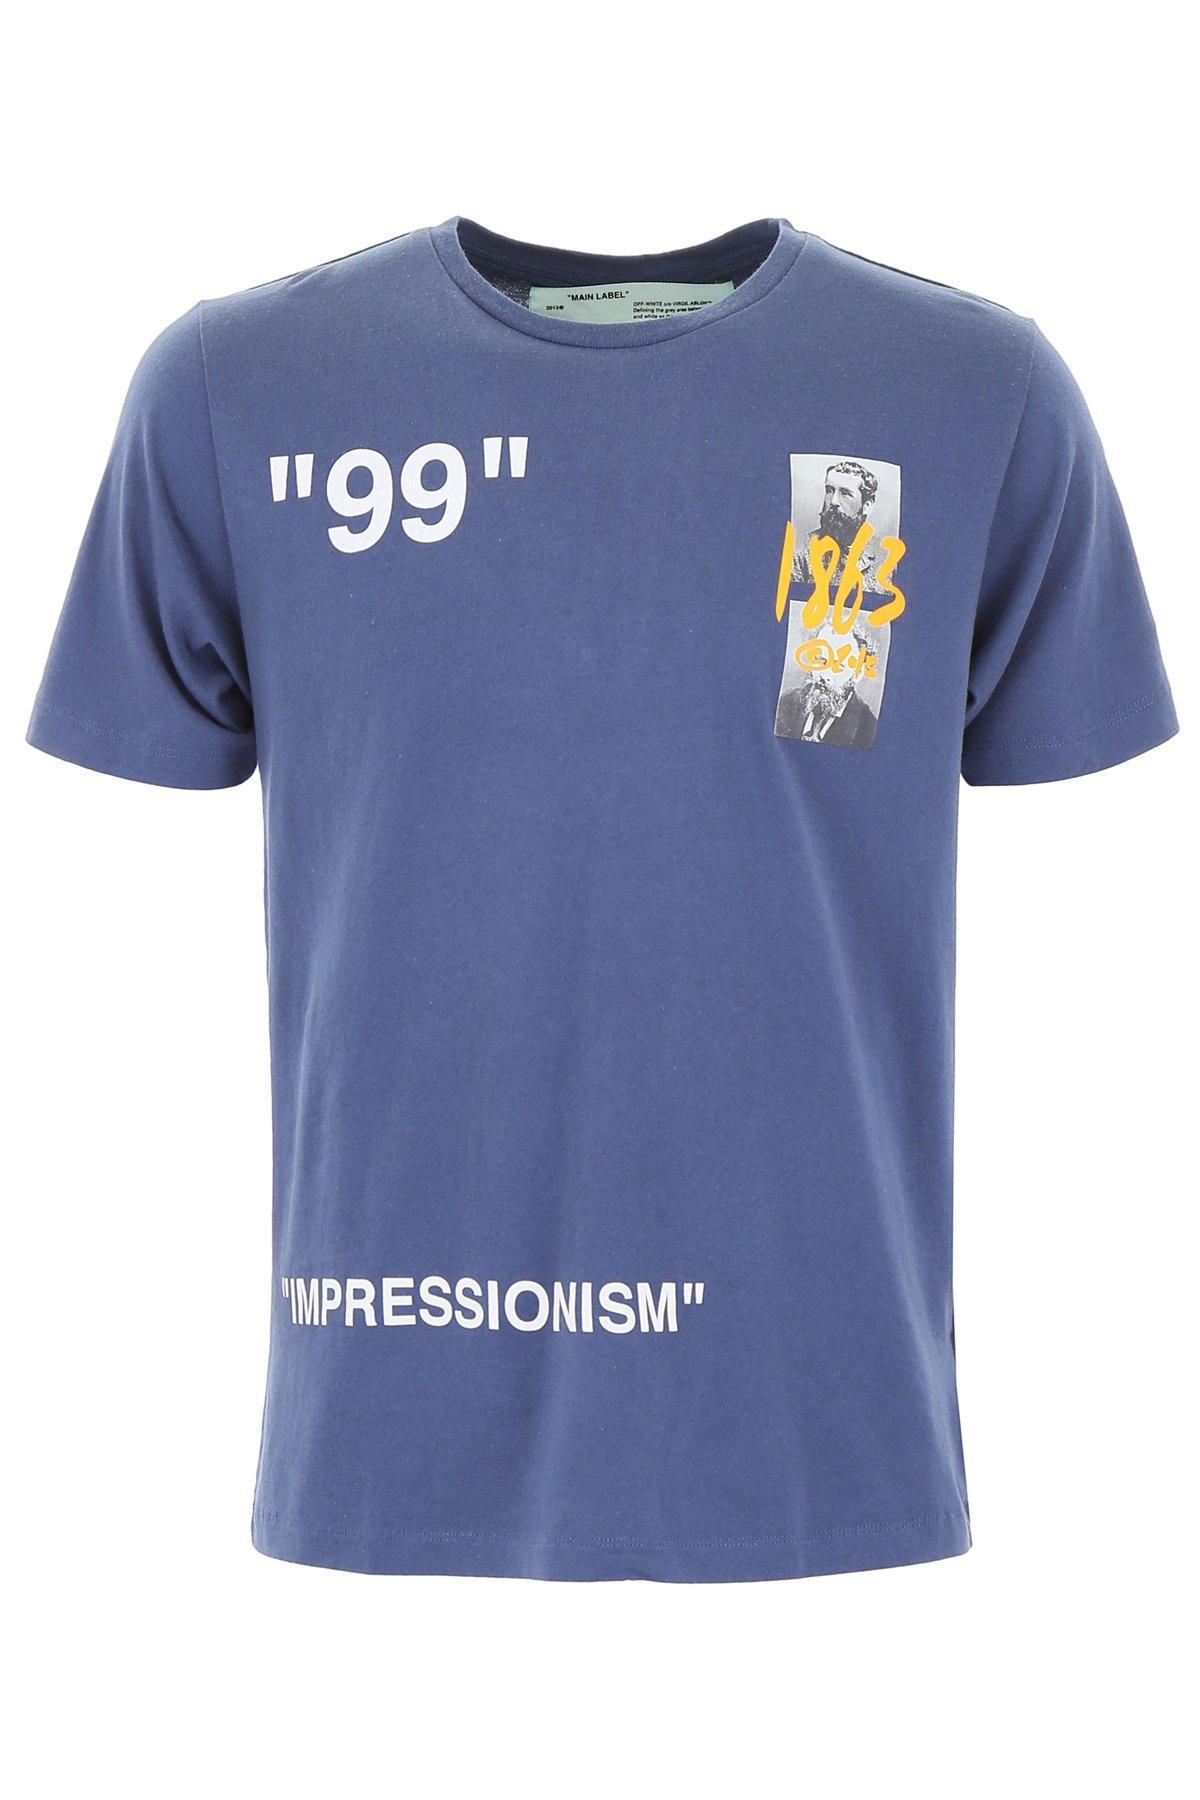 fa9ba5b3 Off-White c/o Virgil Abloh Summer 1863 T-shirt in Blue for Men - Lyst